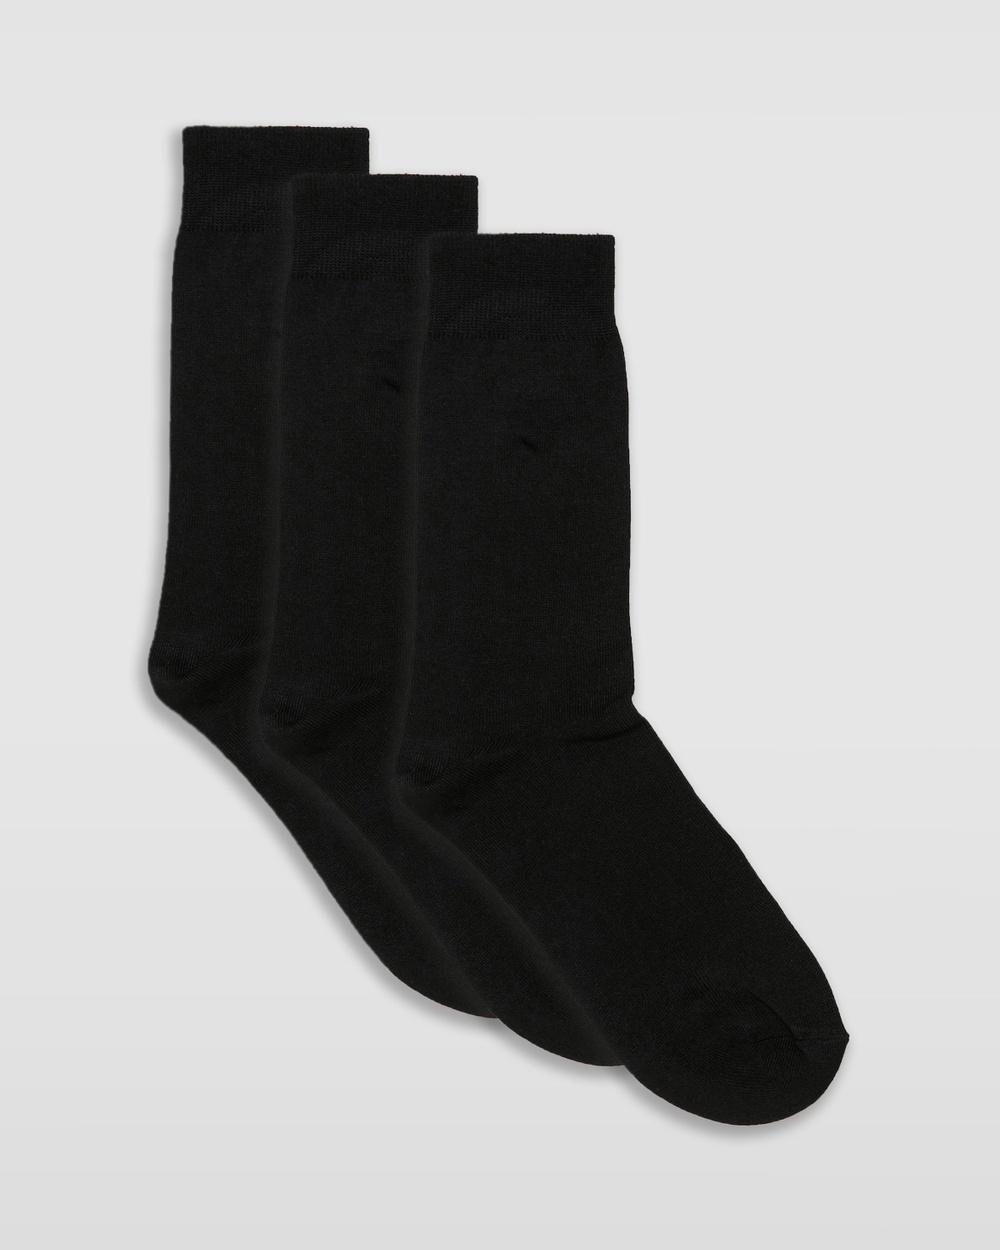 Staple Superior Bamboo 3 Pack Dress Socks Crew Black 3-Pack